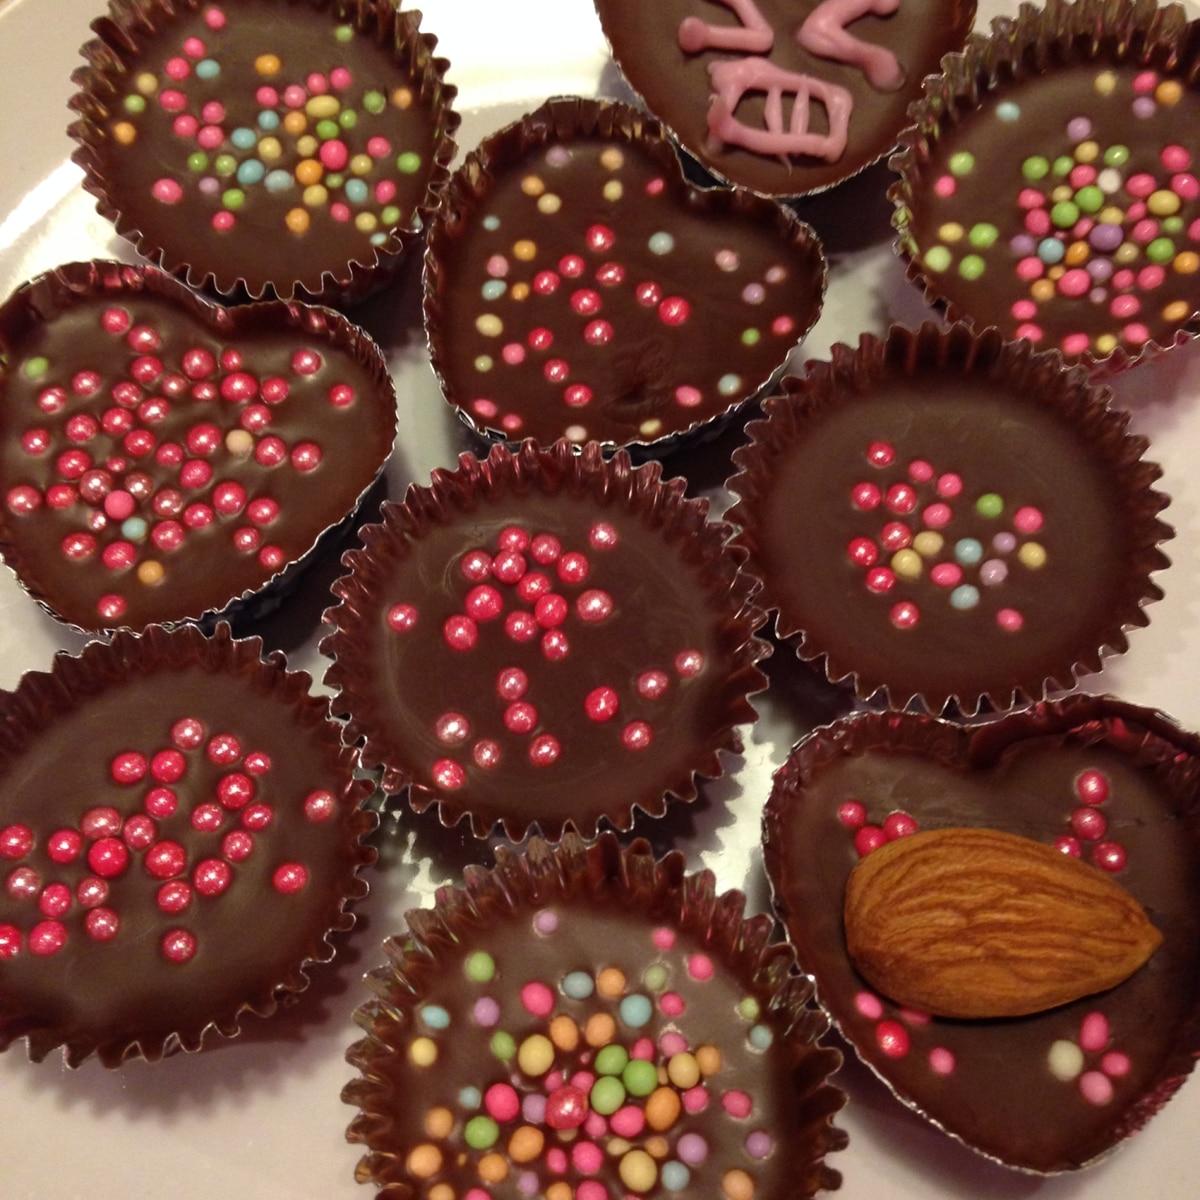 超 簡単 チョコレート レシピ 2歳でも作れる!計量なし!包丁なし!超簡単チョコレートレシピ